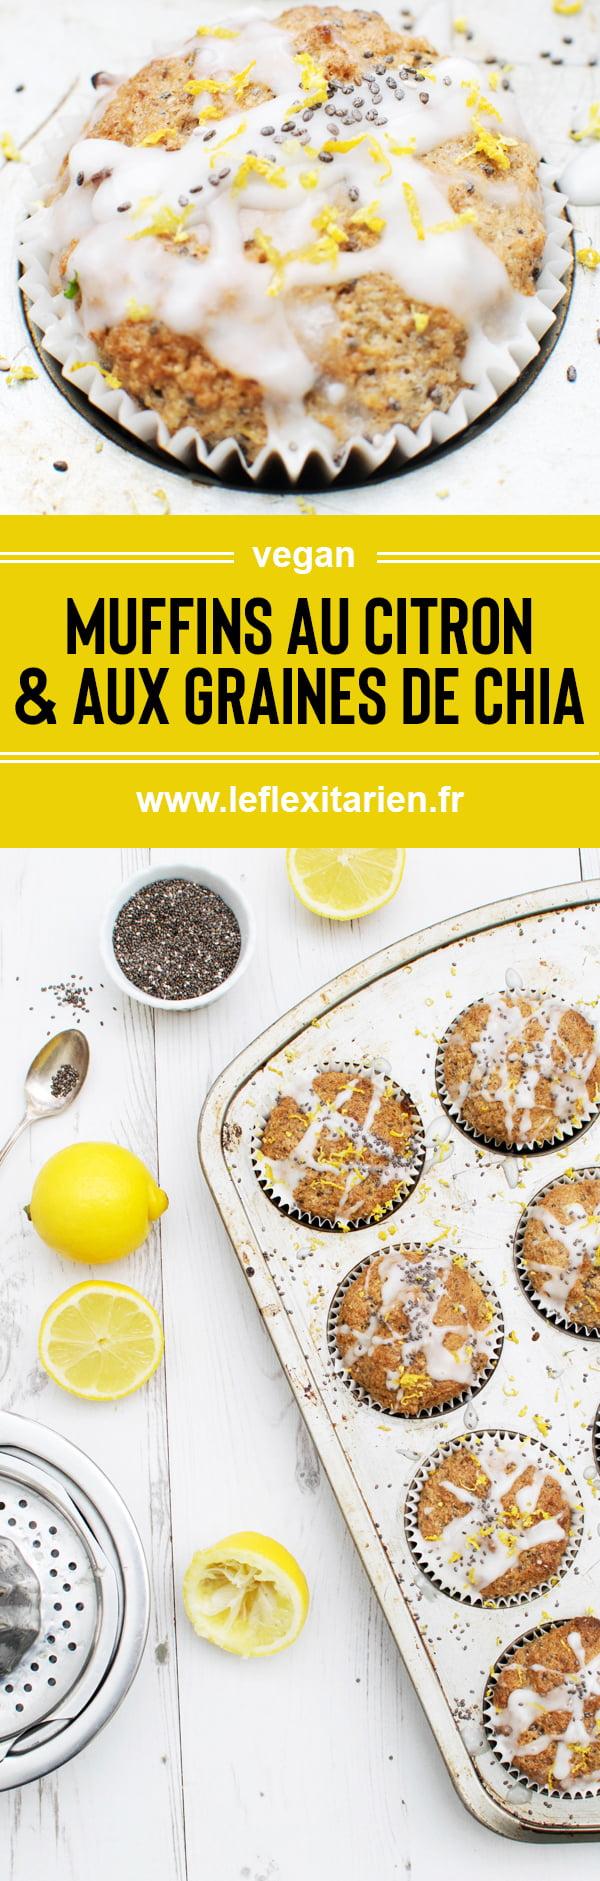 Muffins au citron et aux graines de chia [vegan] Le Flexitarien